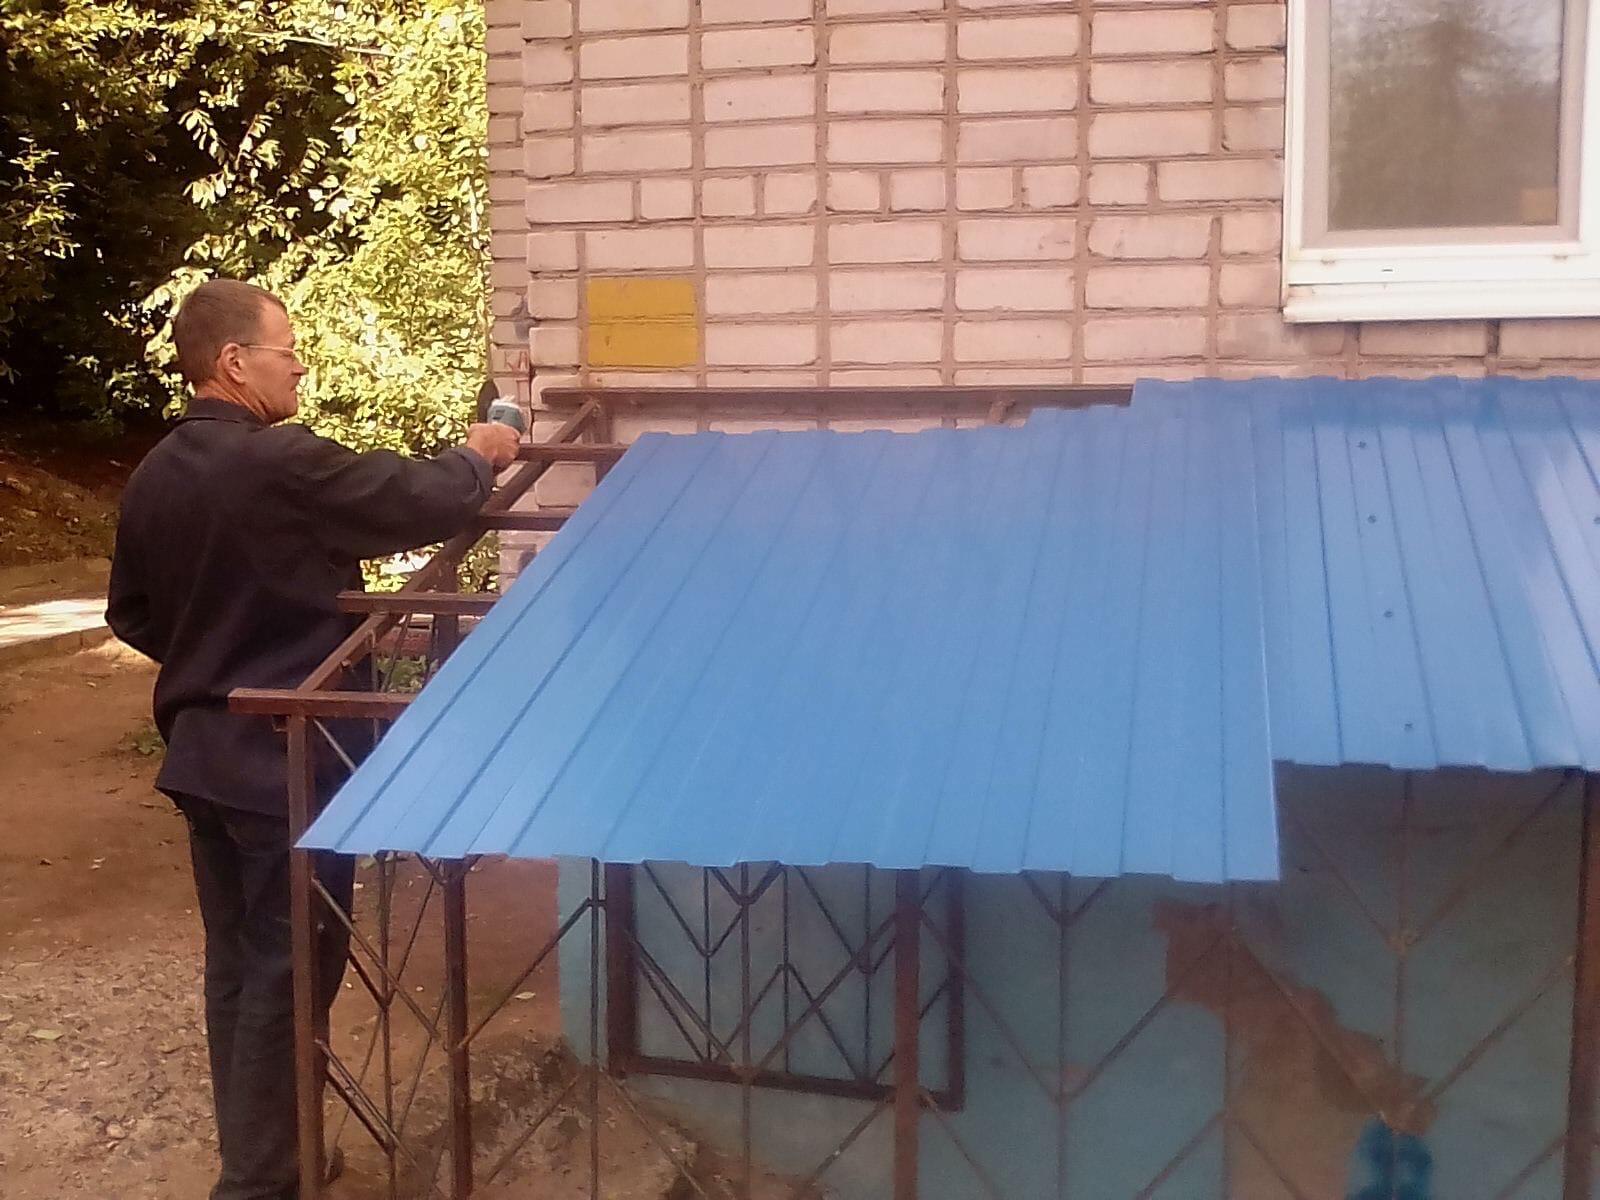 Улица Менделеева дом 7 установка профнастила над